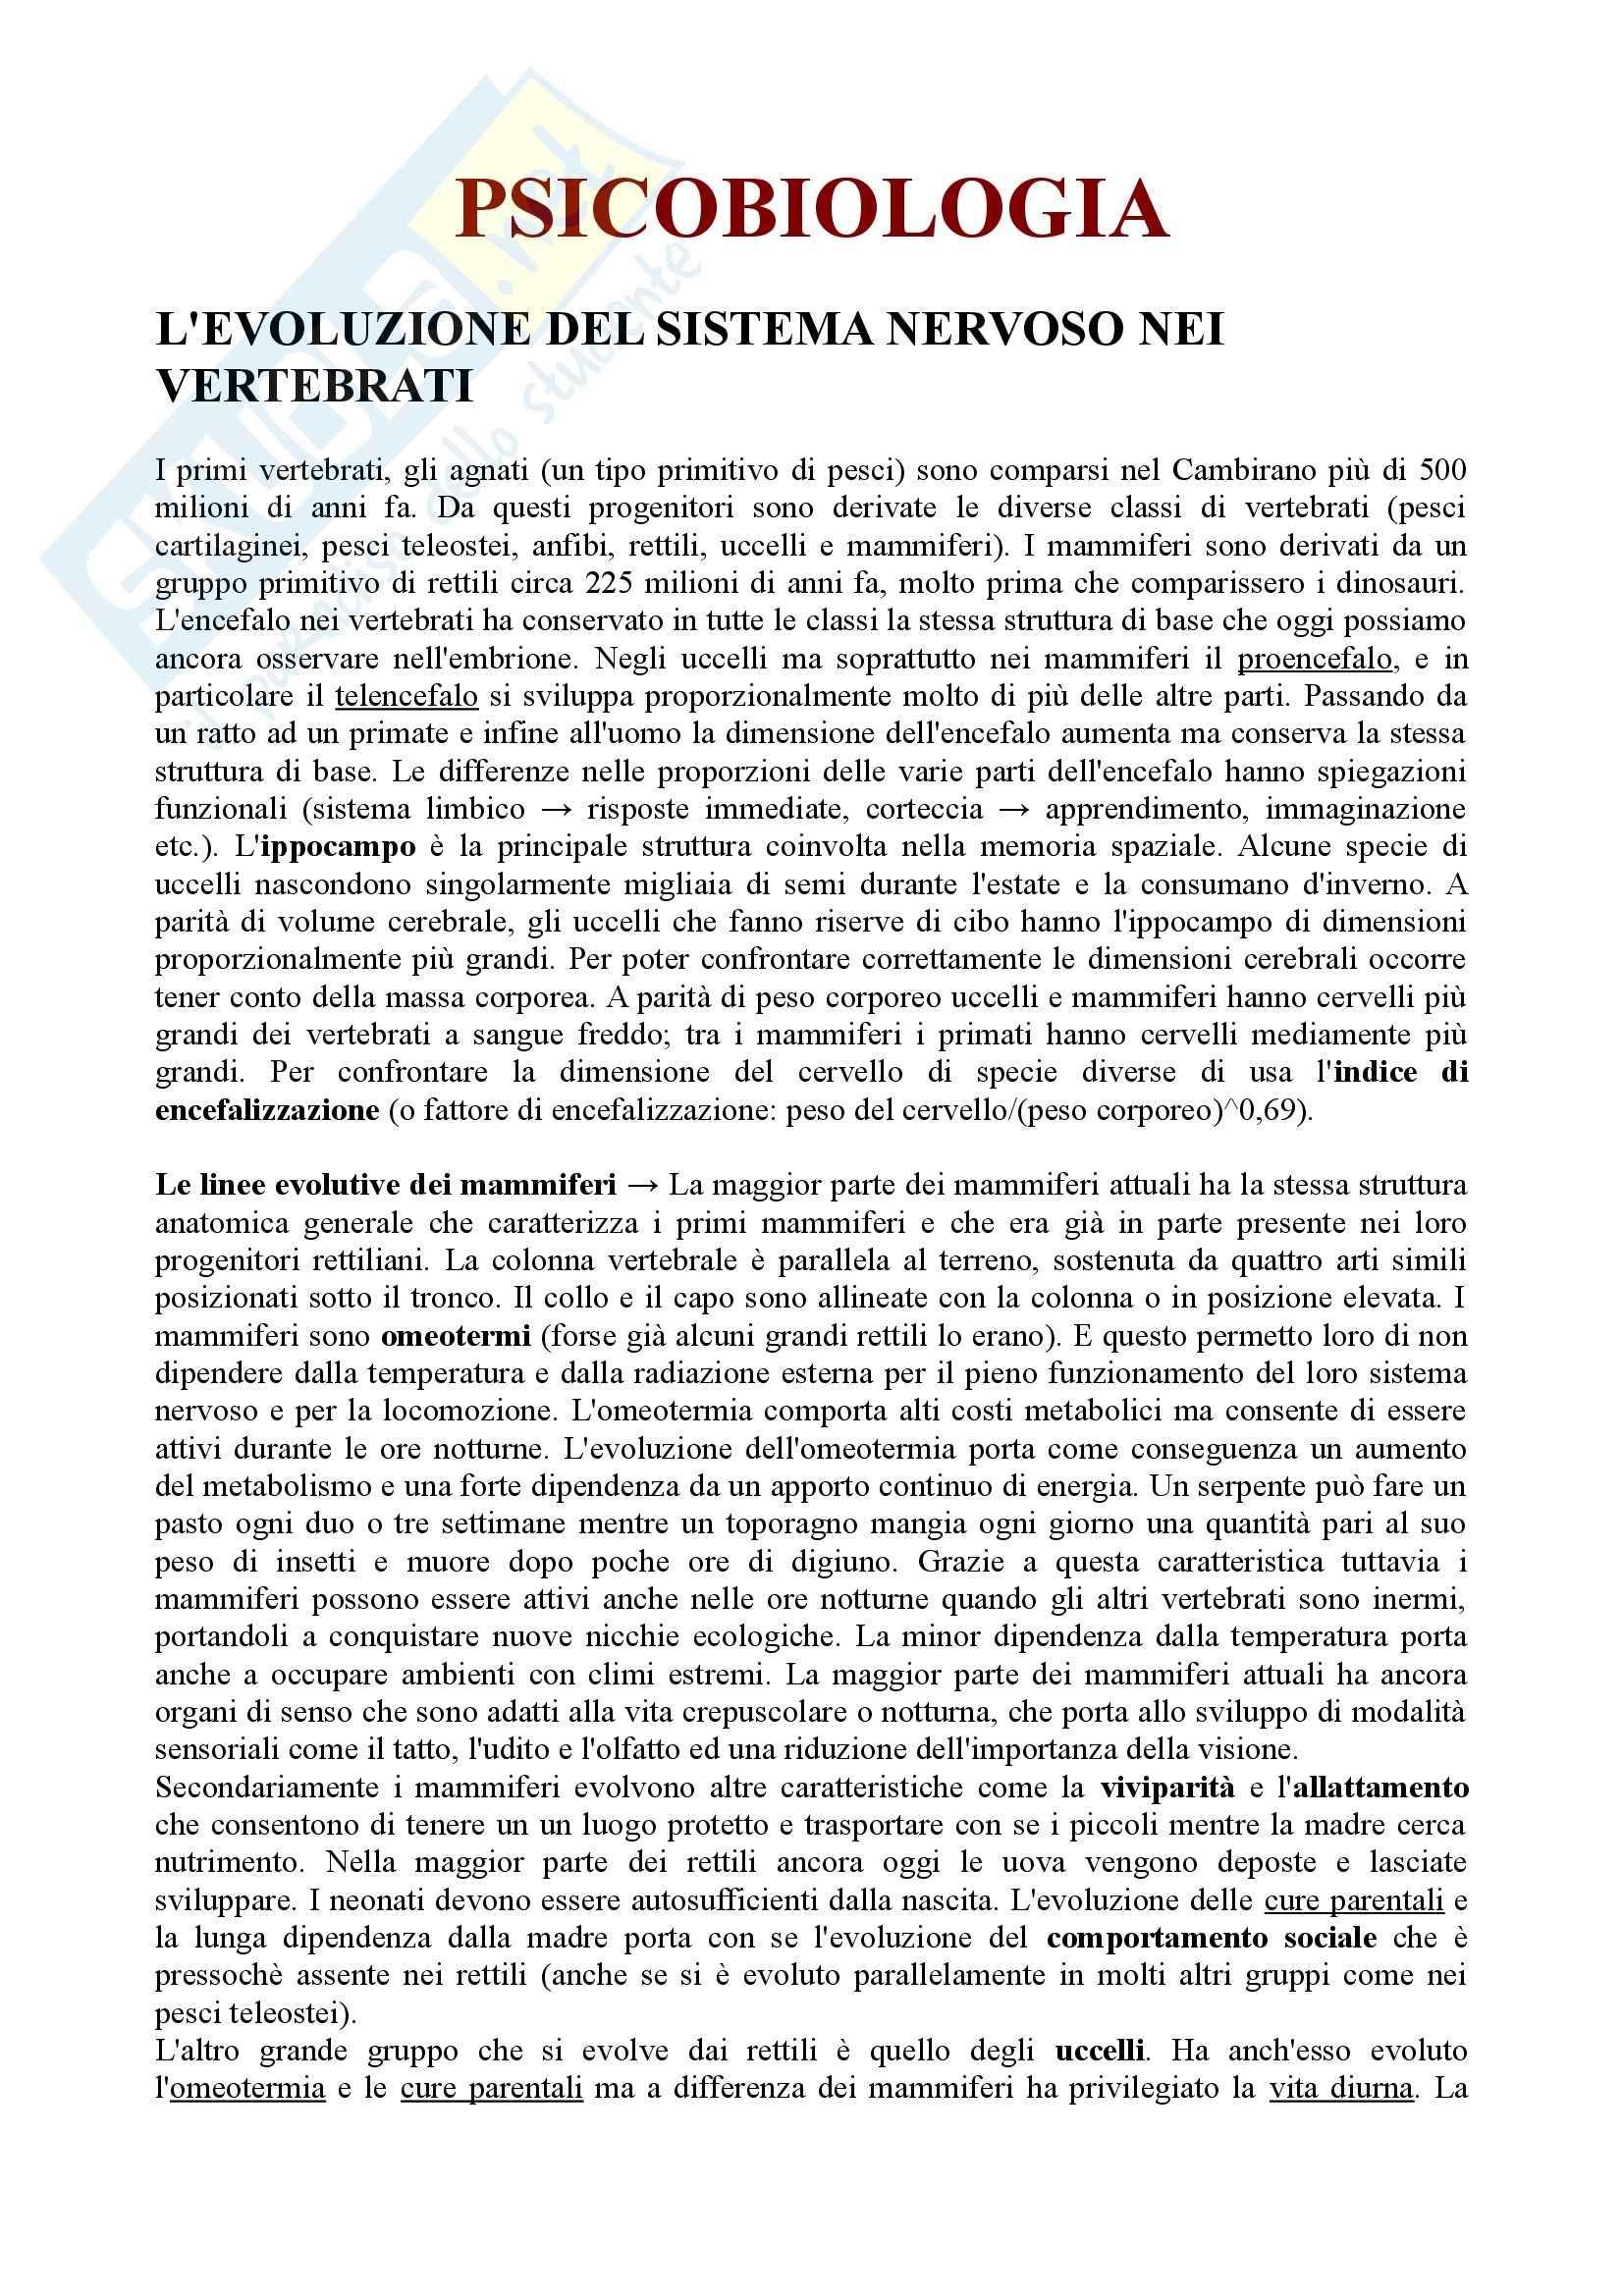 Psicobiologia - evoluzione del sistema nervoso nei vertebrati